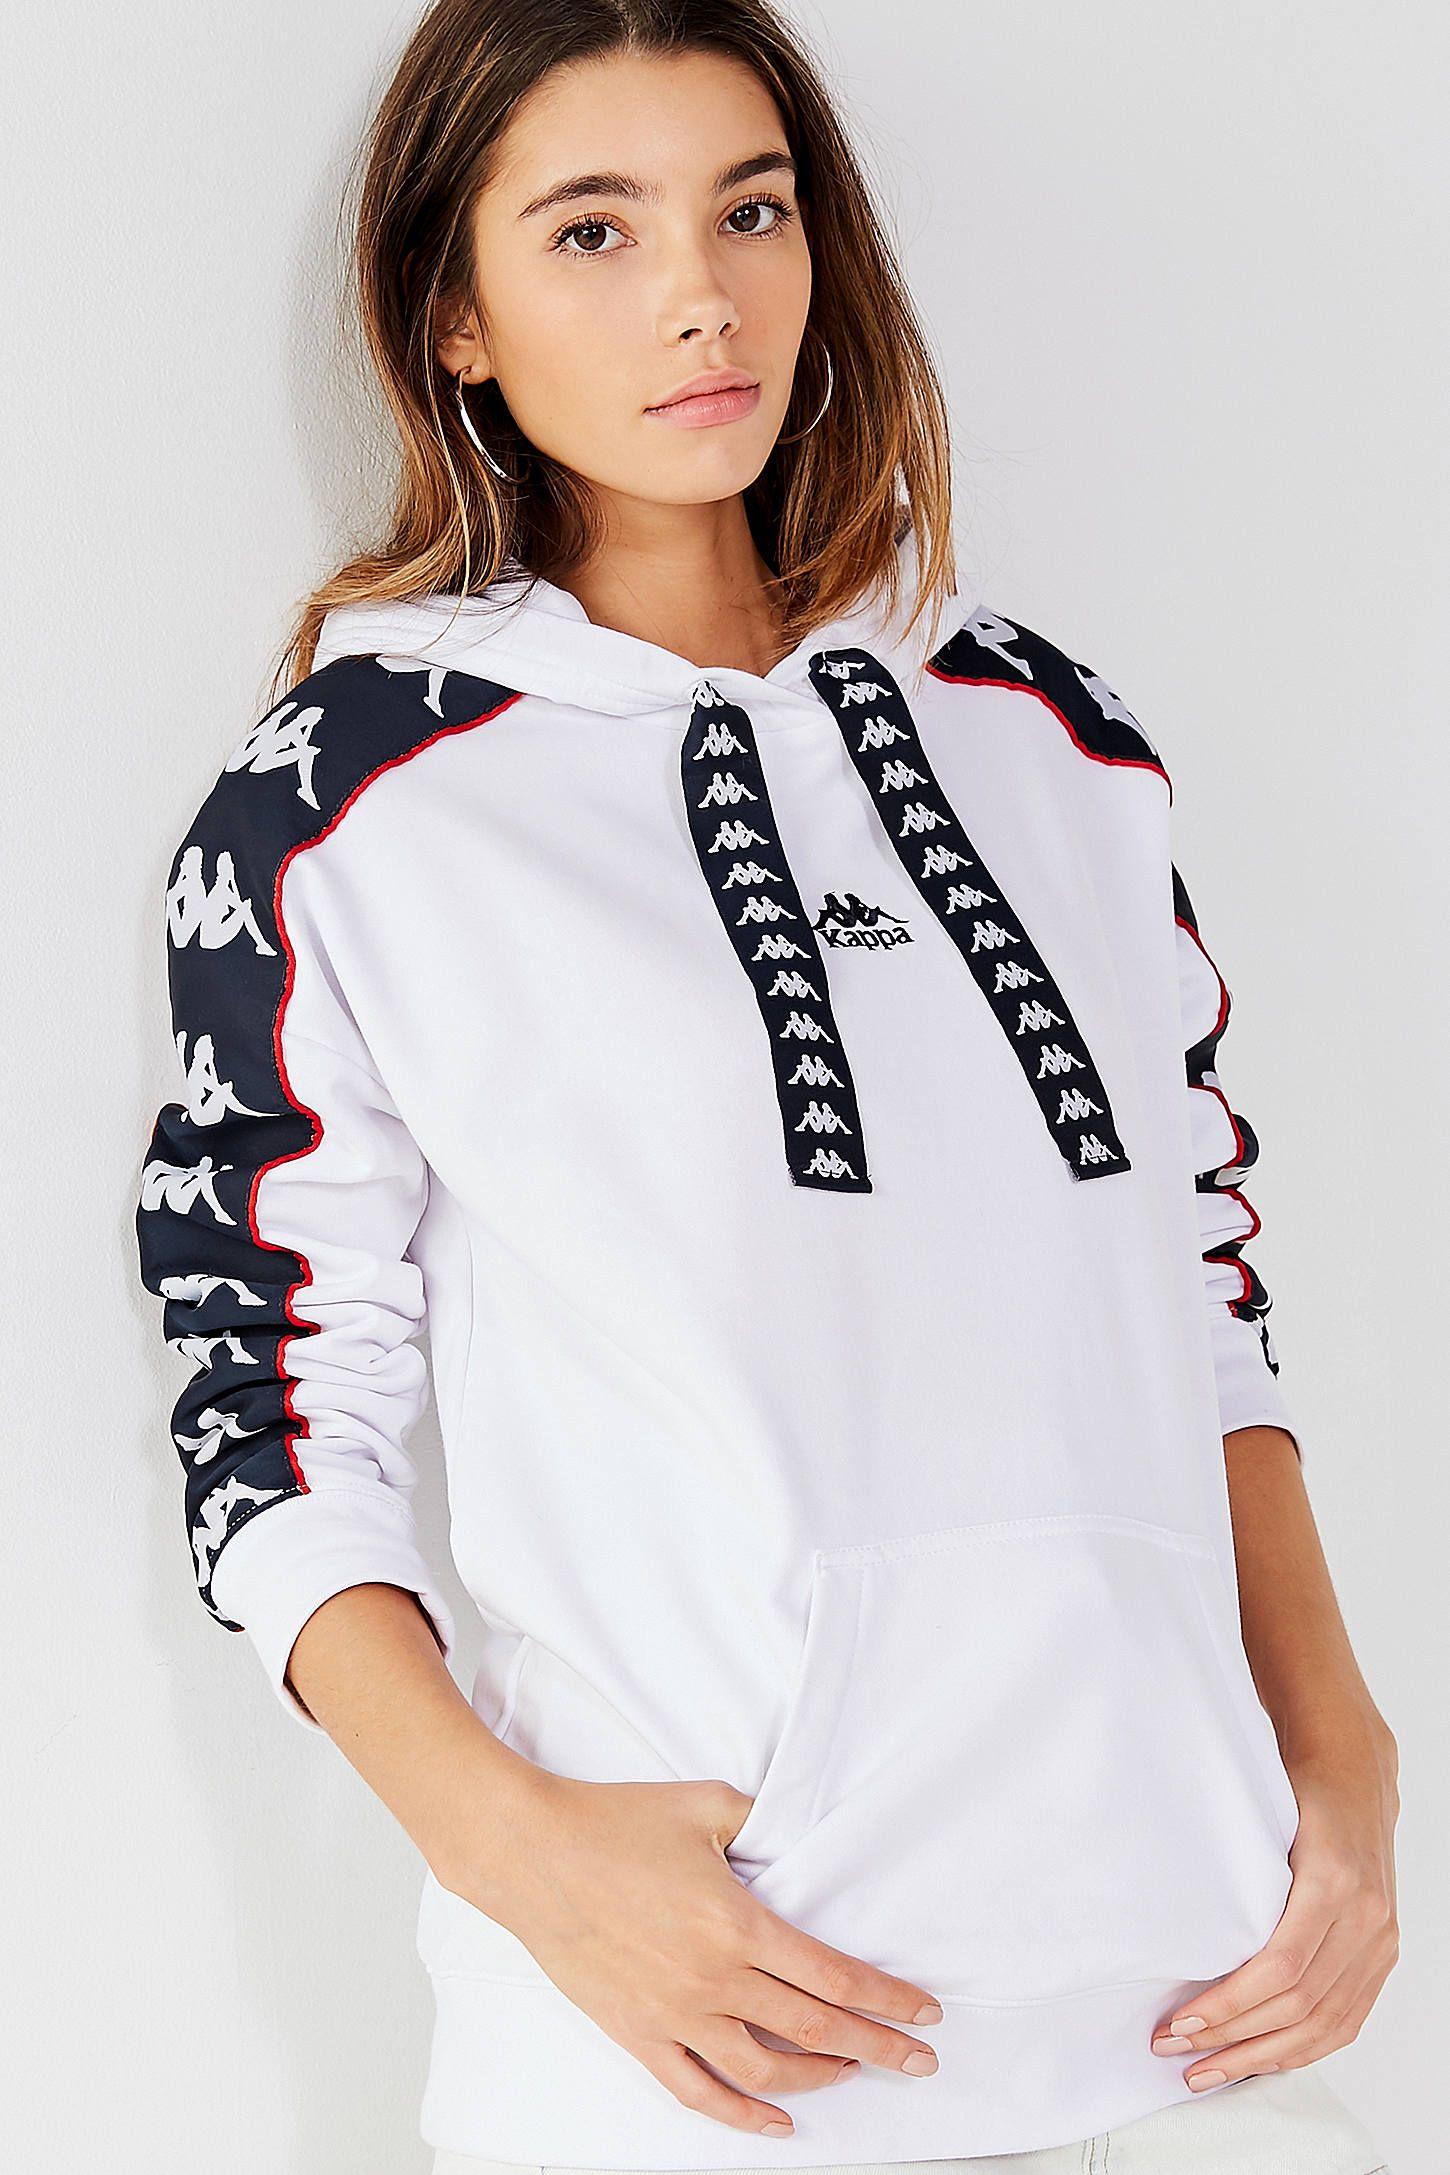 18aaa52b1abf Kappa X UO Tessie Oversized Hoodie Sweatshirt